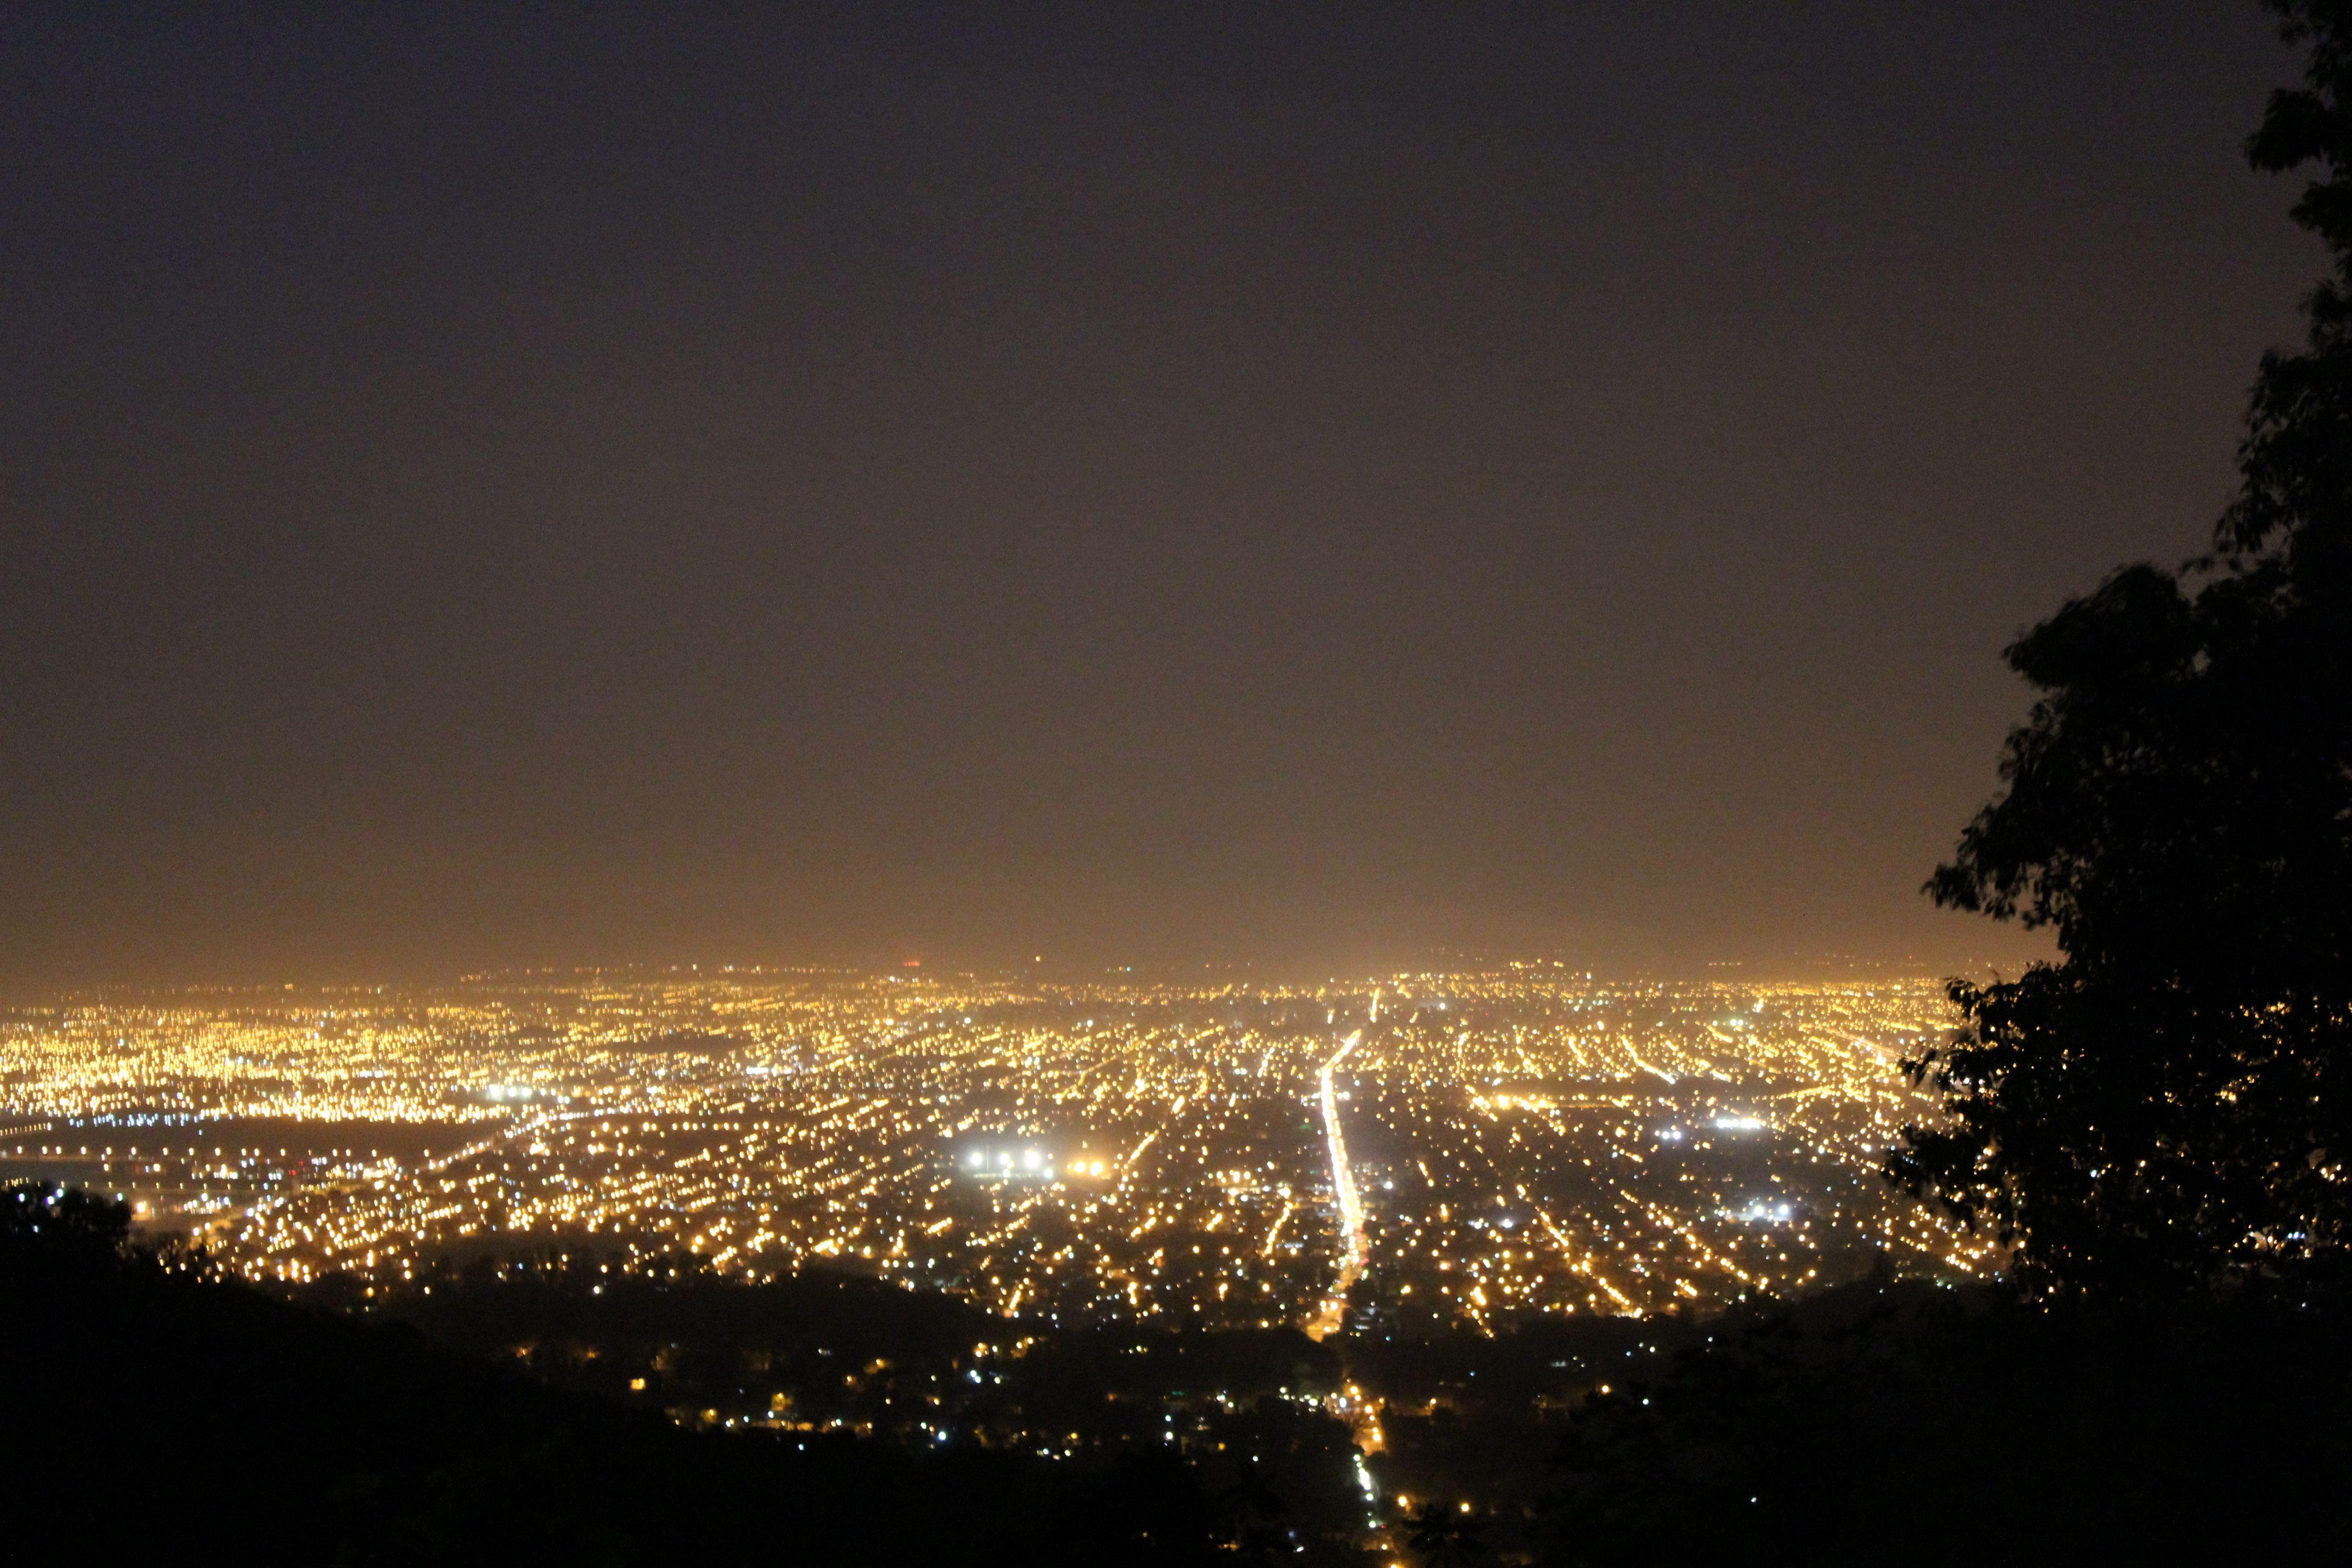 Vista Nocturna de Tucumàn, desde el cerro San Javier